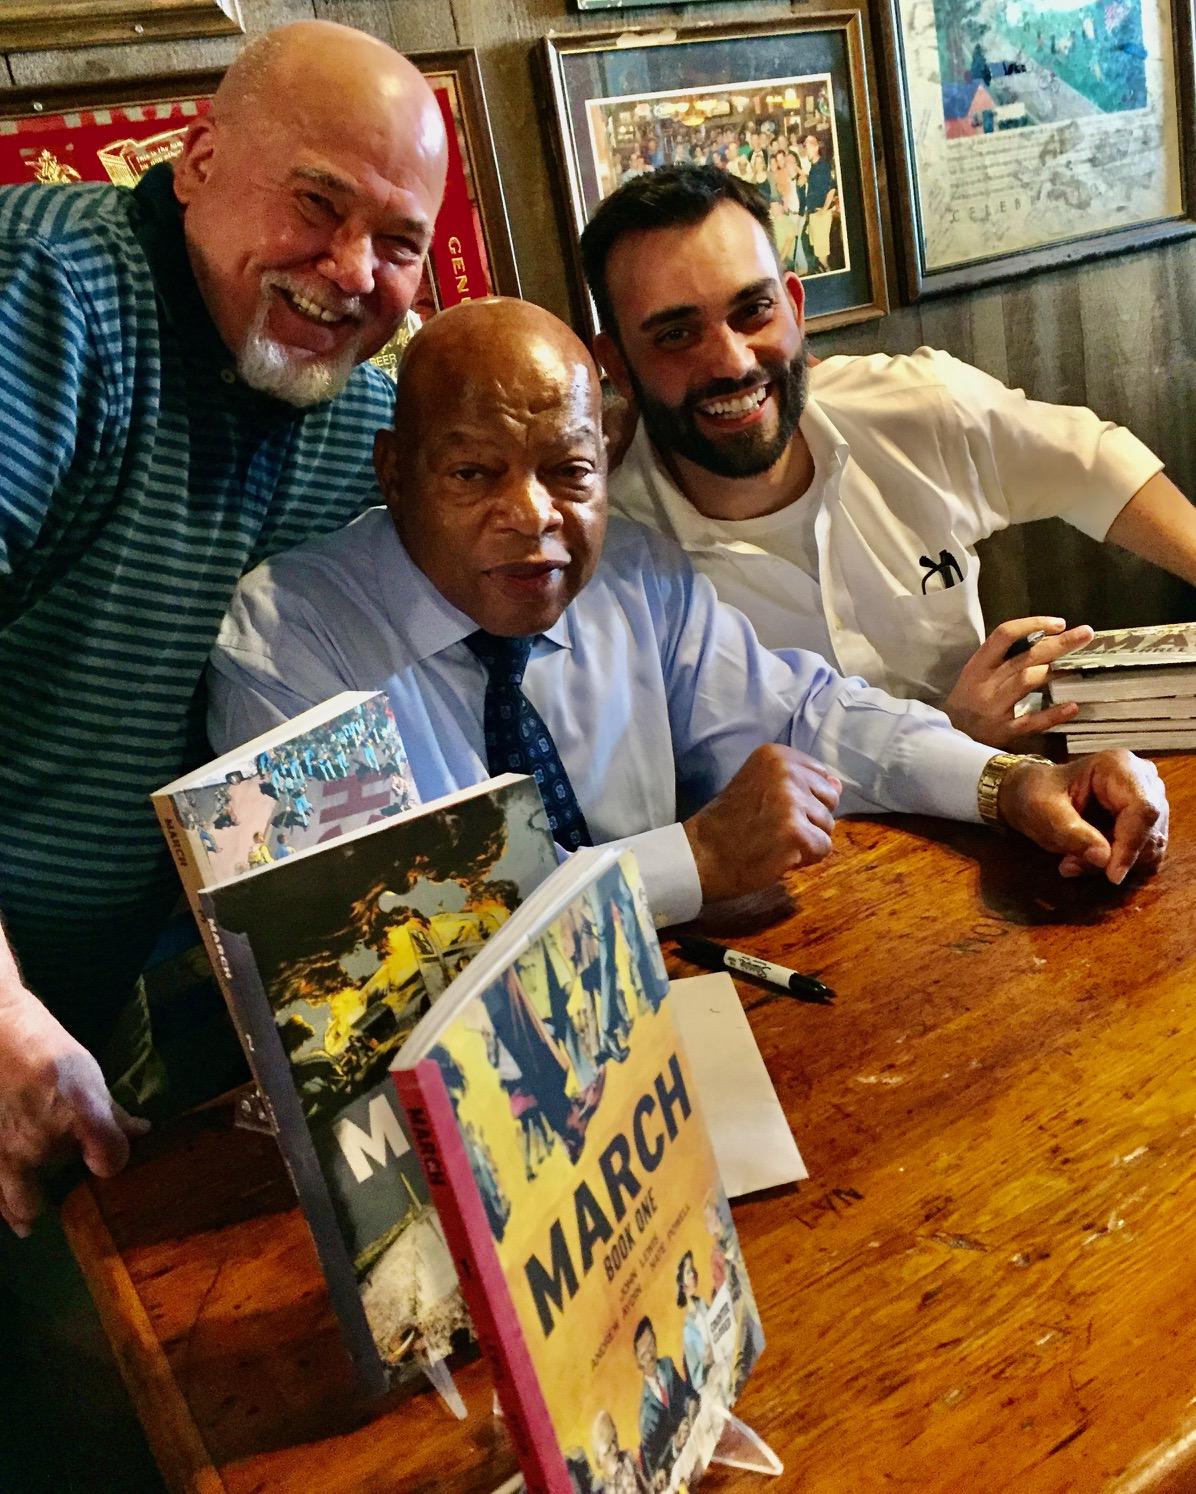 John-Lewis-Book-signing